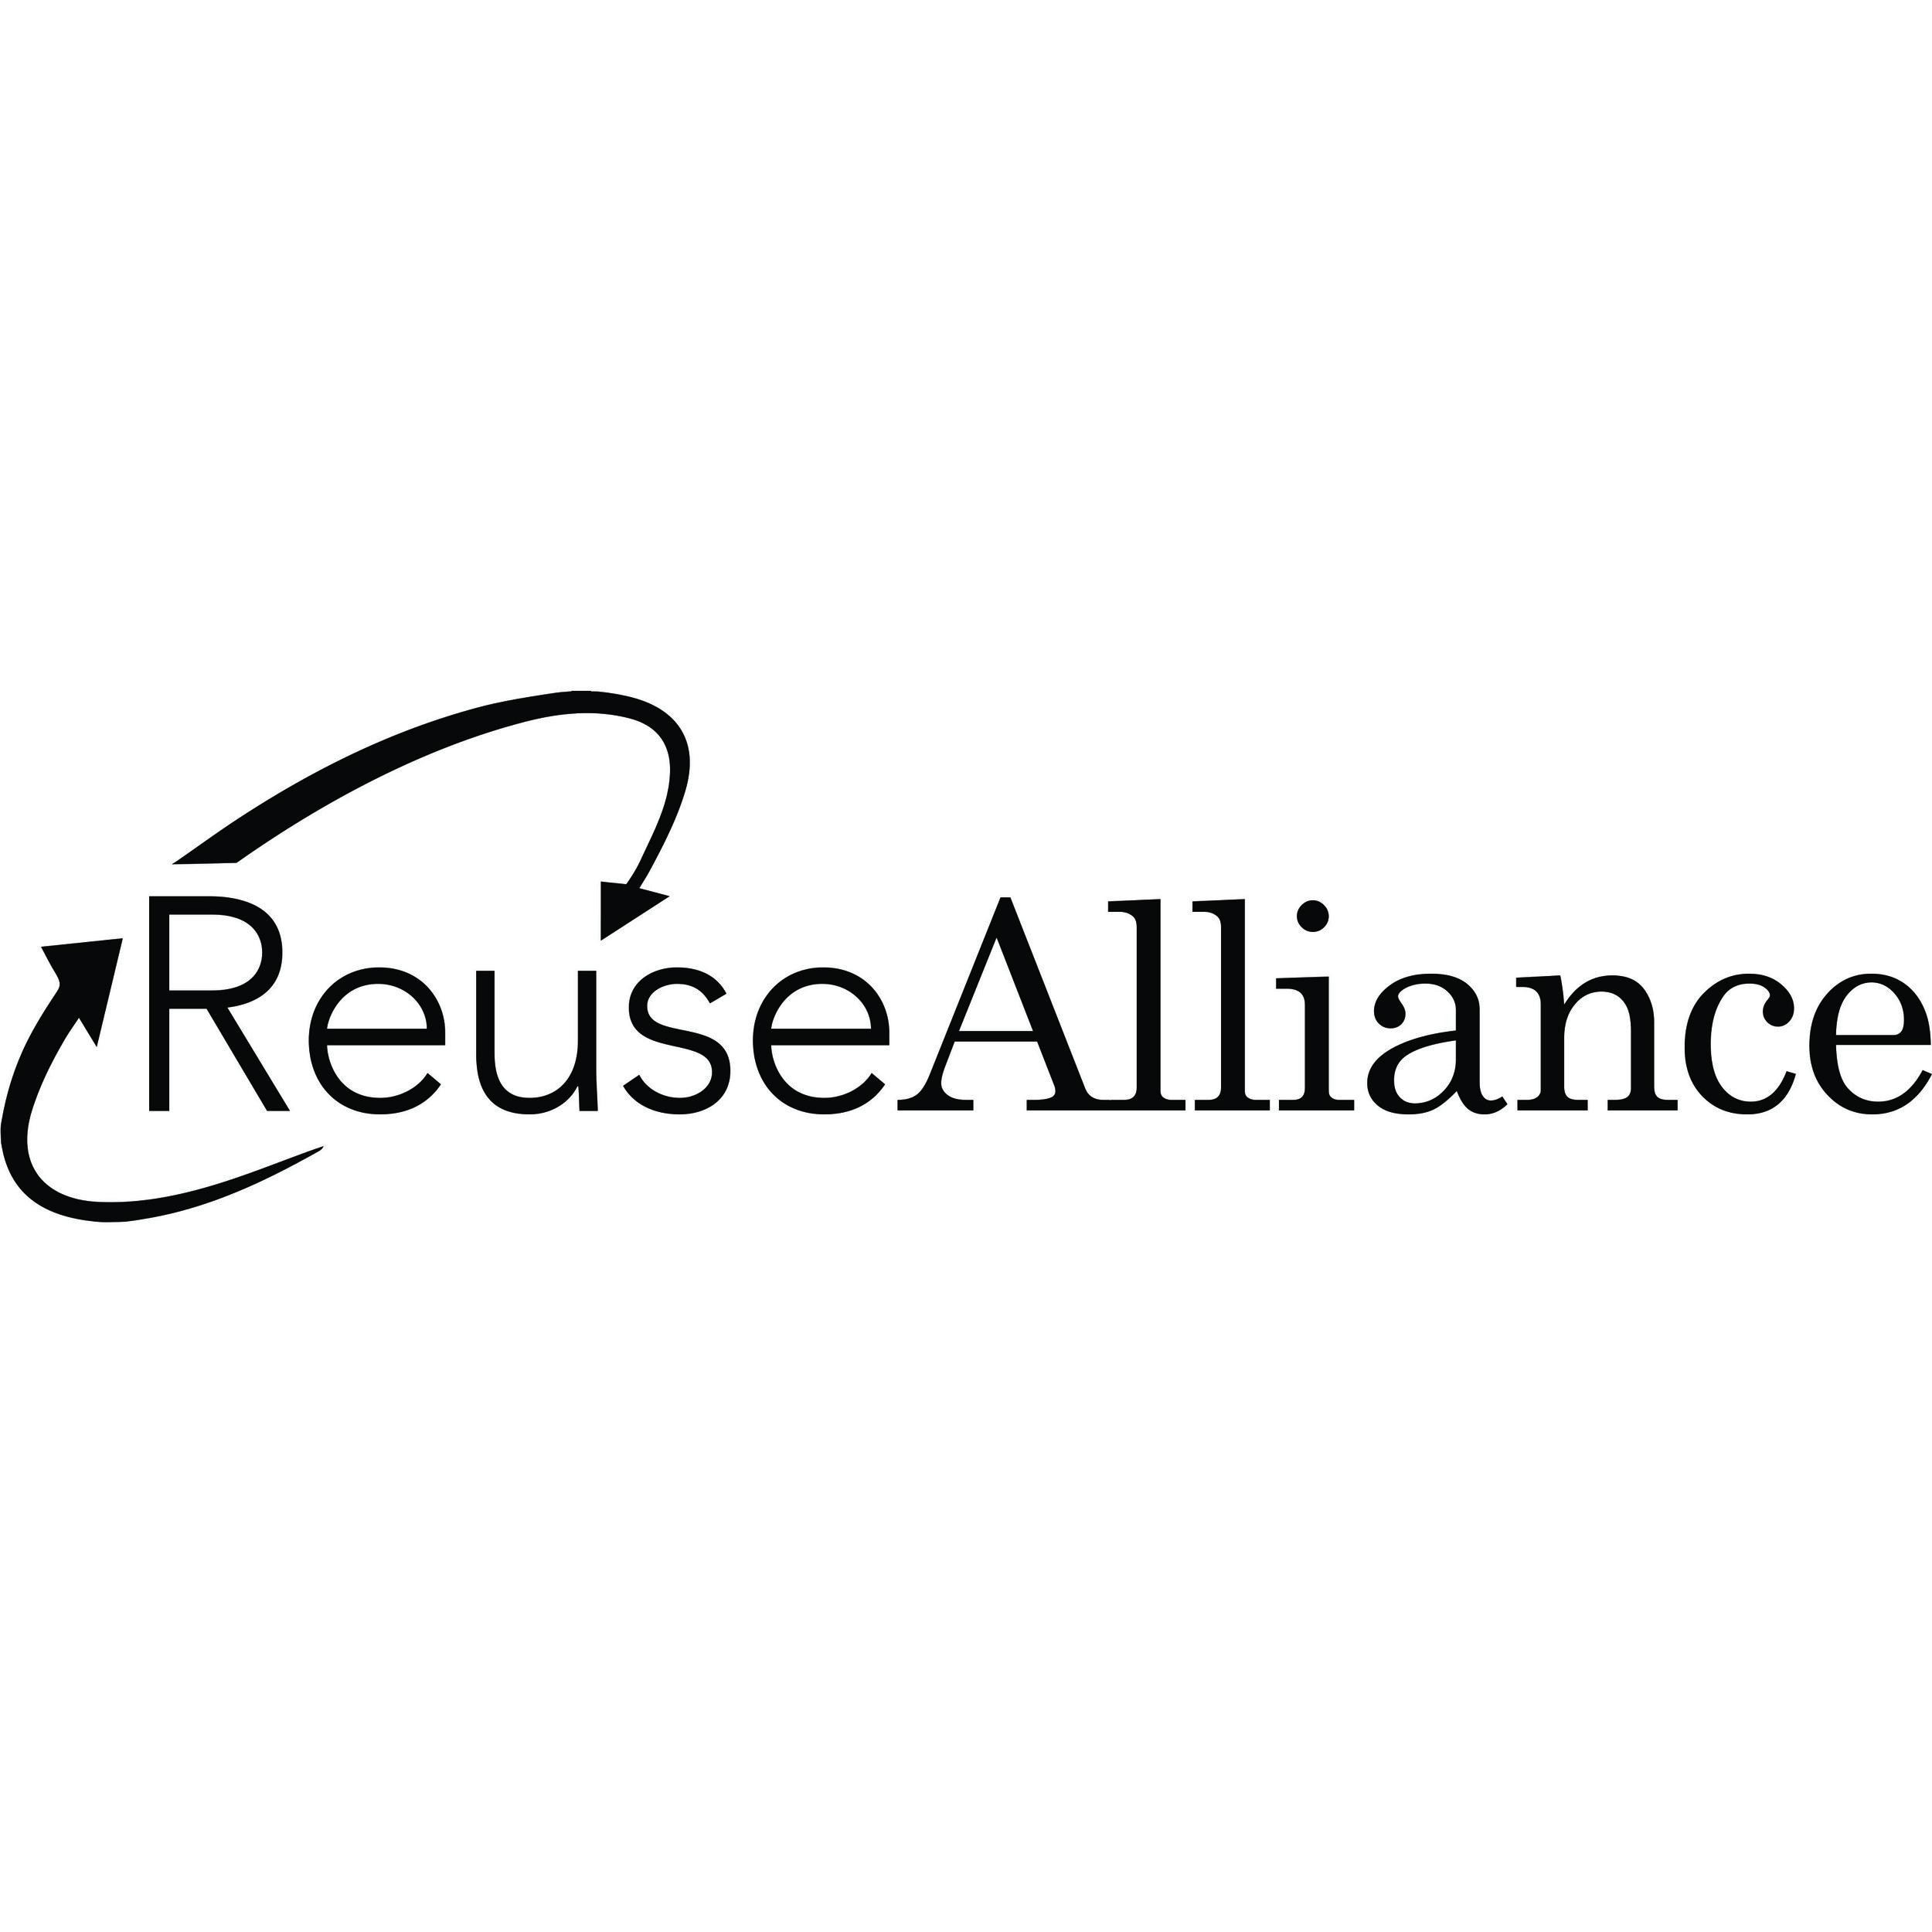 reuse_alliance_logo_black_square.jpg